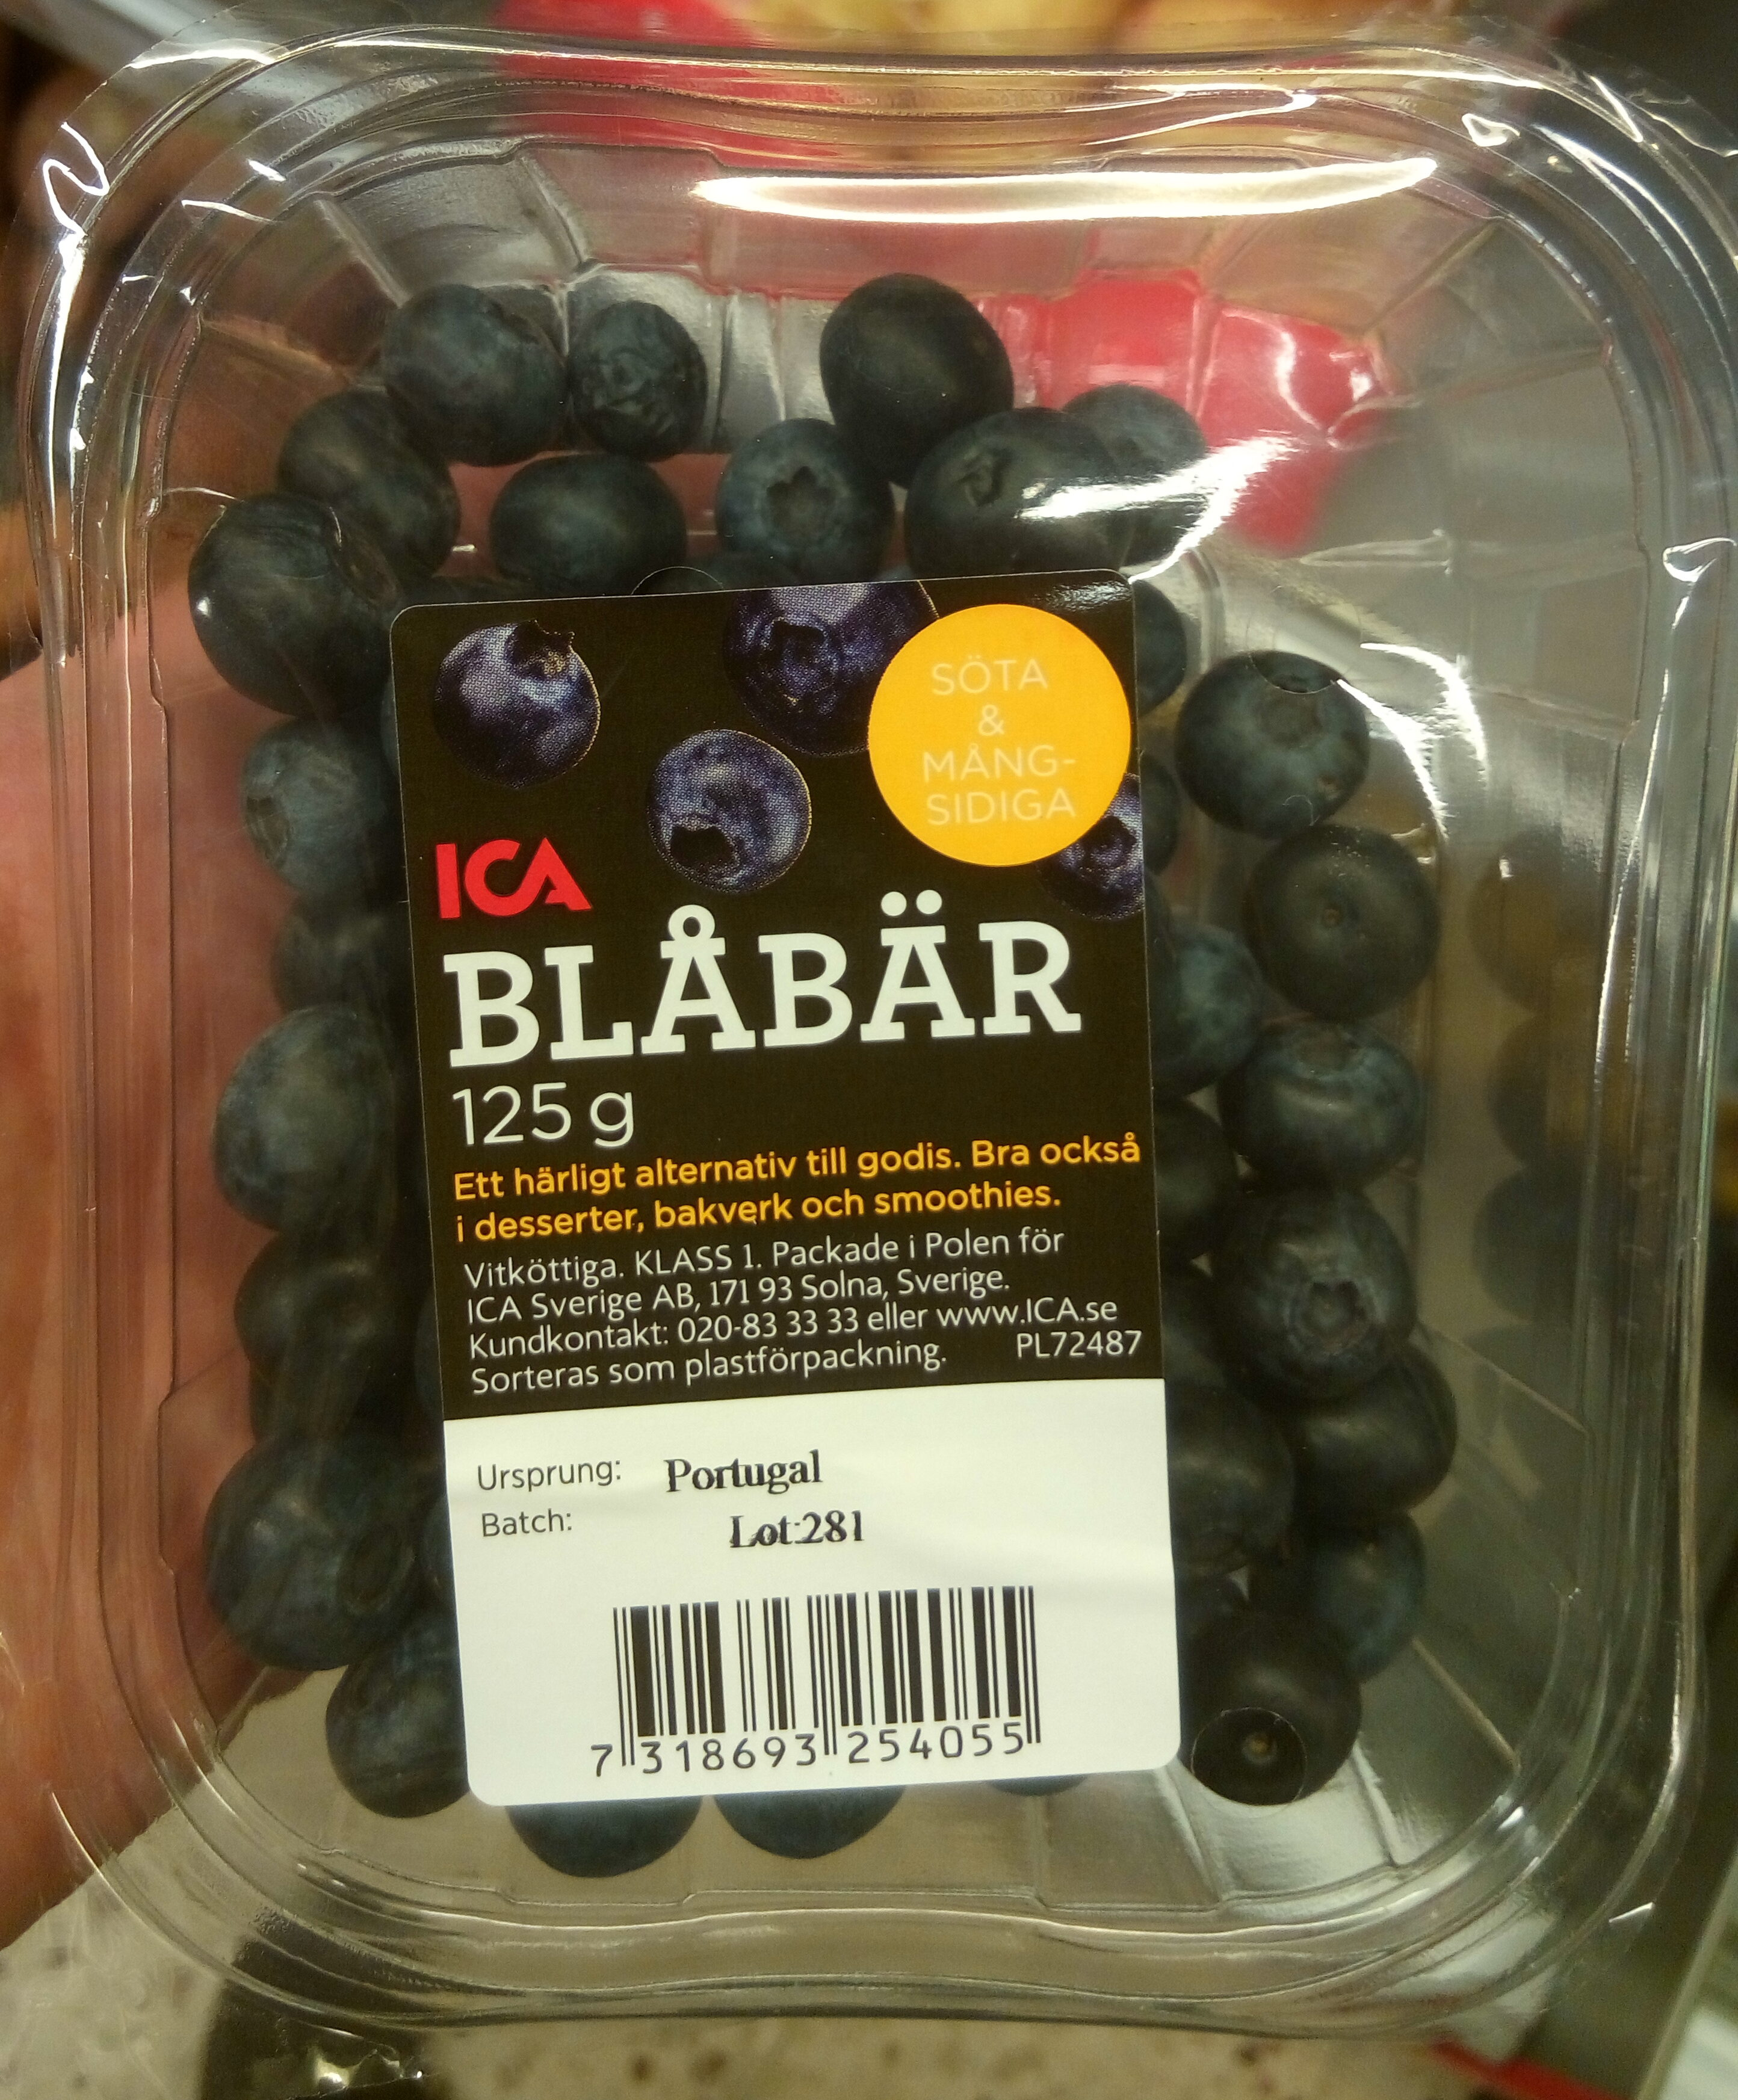 Blåbär - Product - sv